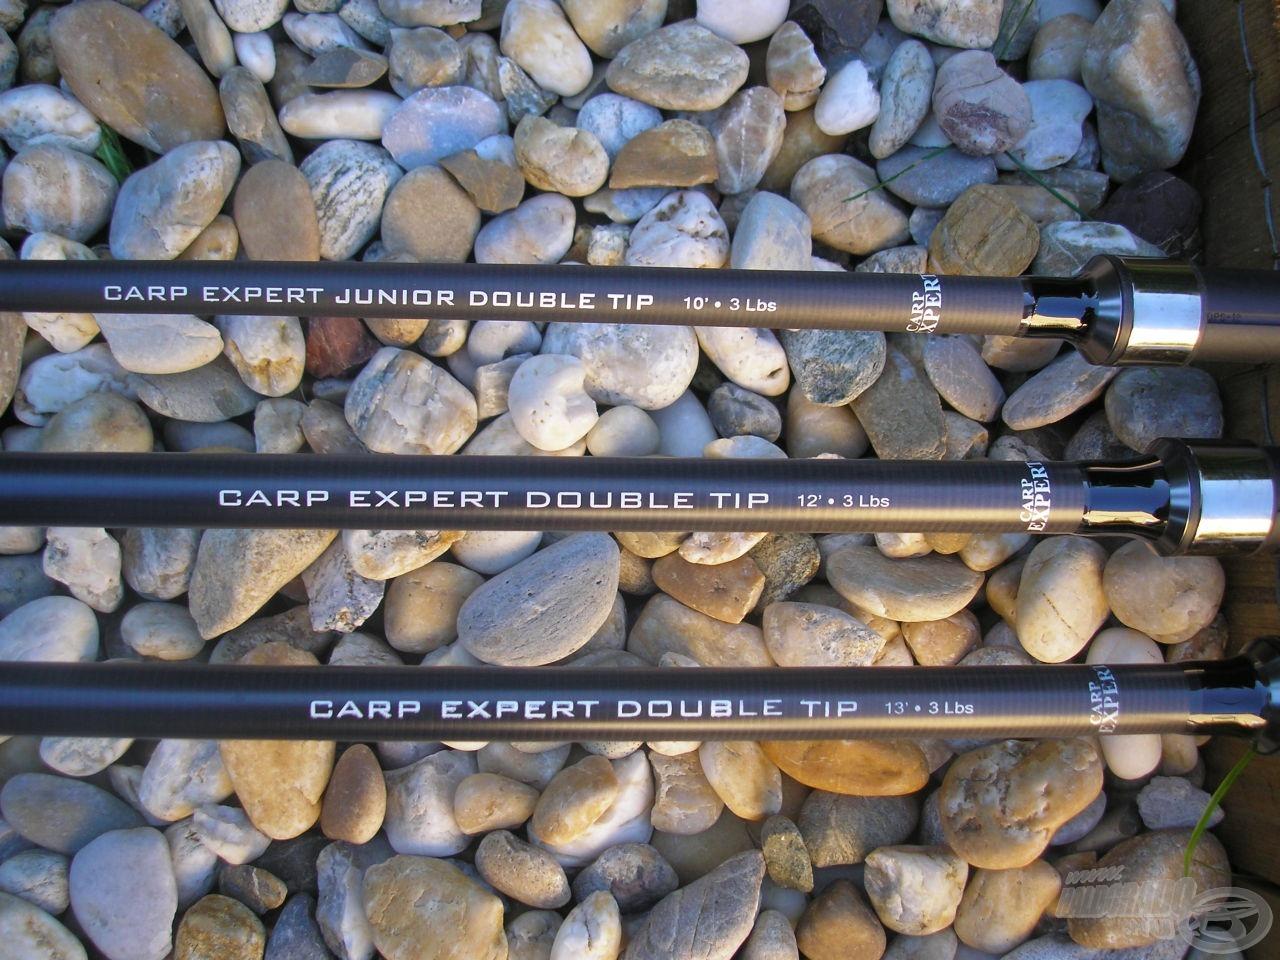 A Carp Expert Double Tip botok igazi kuriózumnak számítanak a pontyhorgászatban